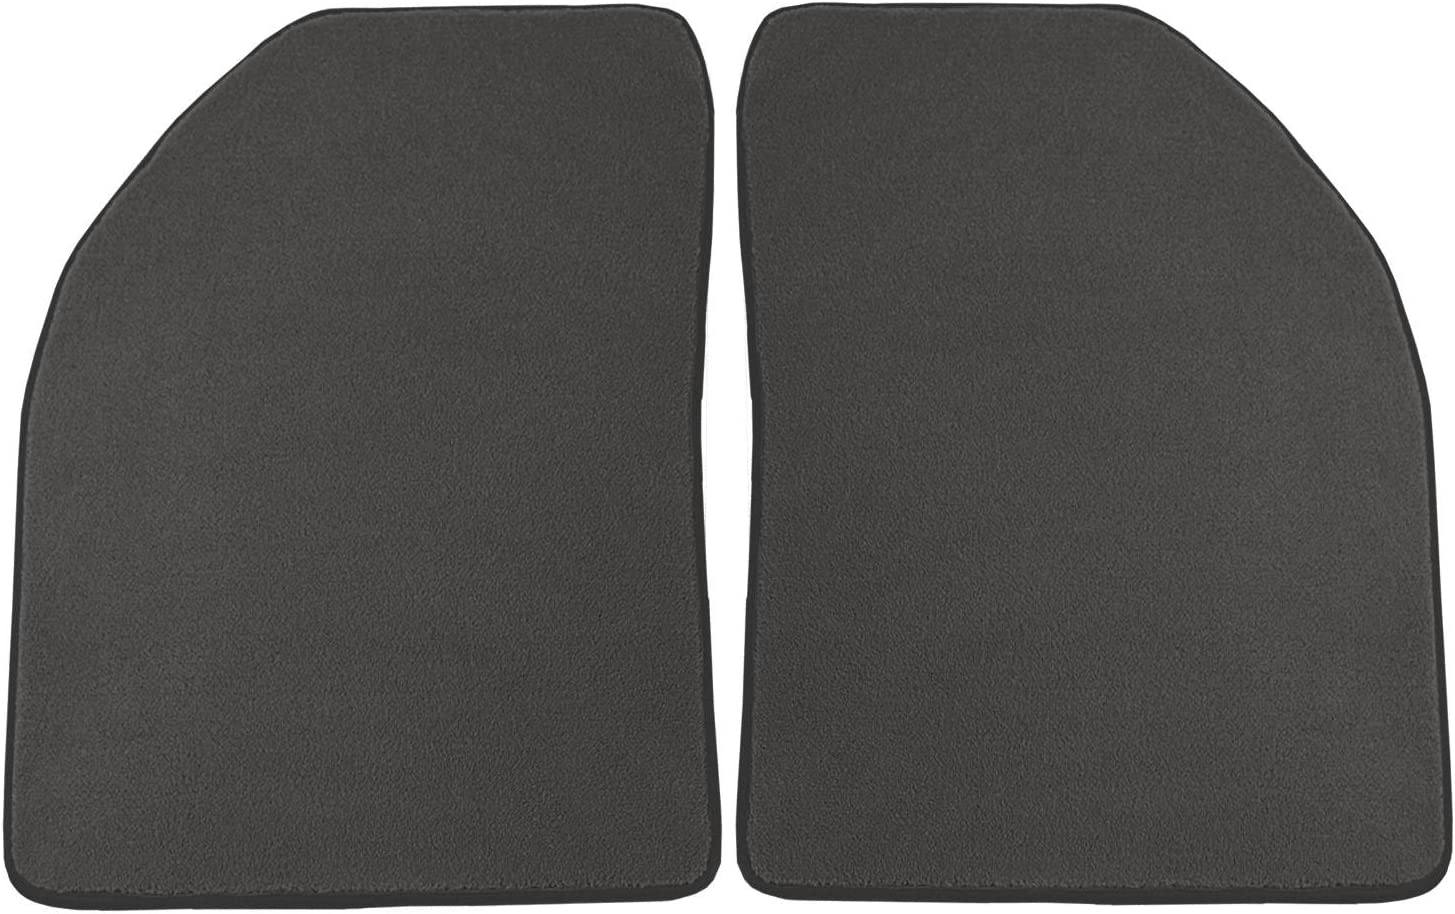 Coverking Custom Fit Rear Floor Mats for Select Toyota 4Runner Models Black Nylon Carpet